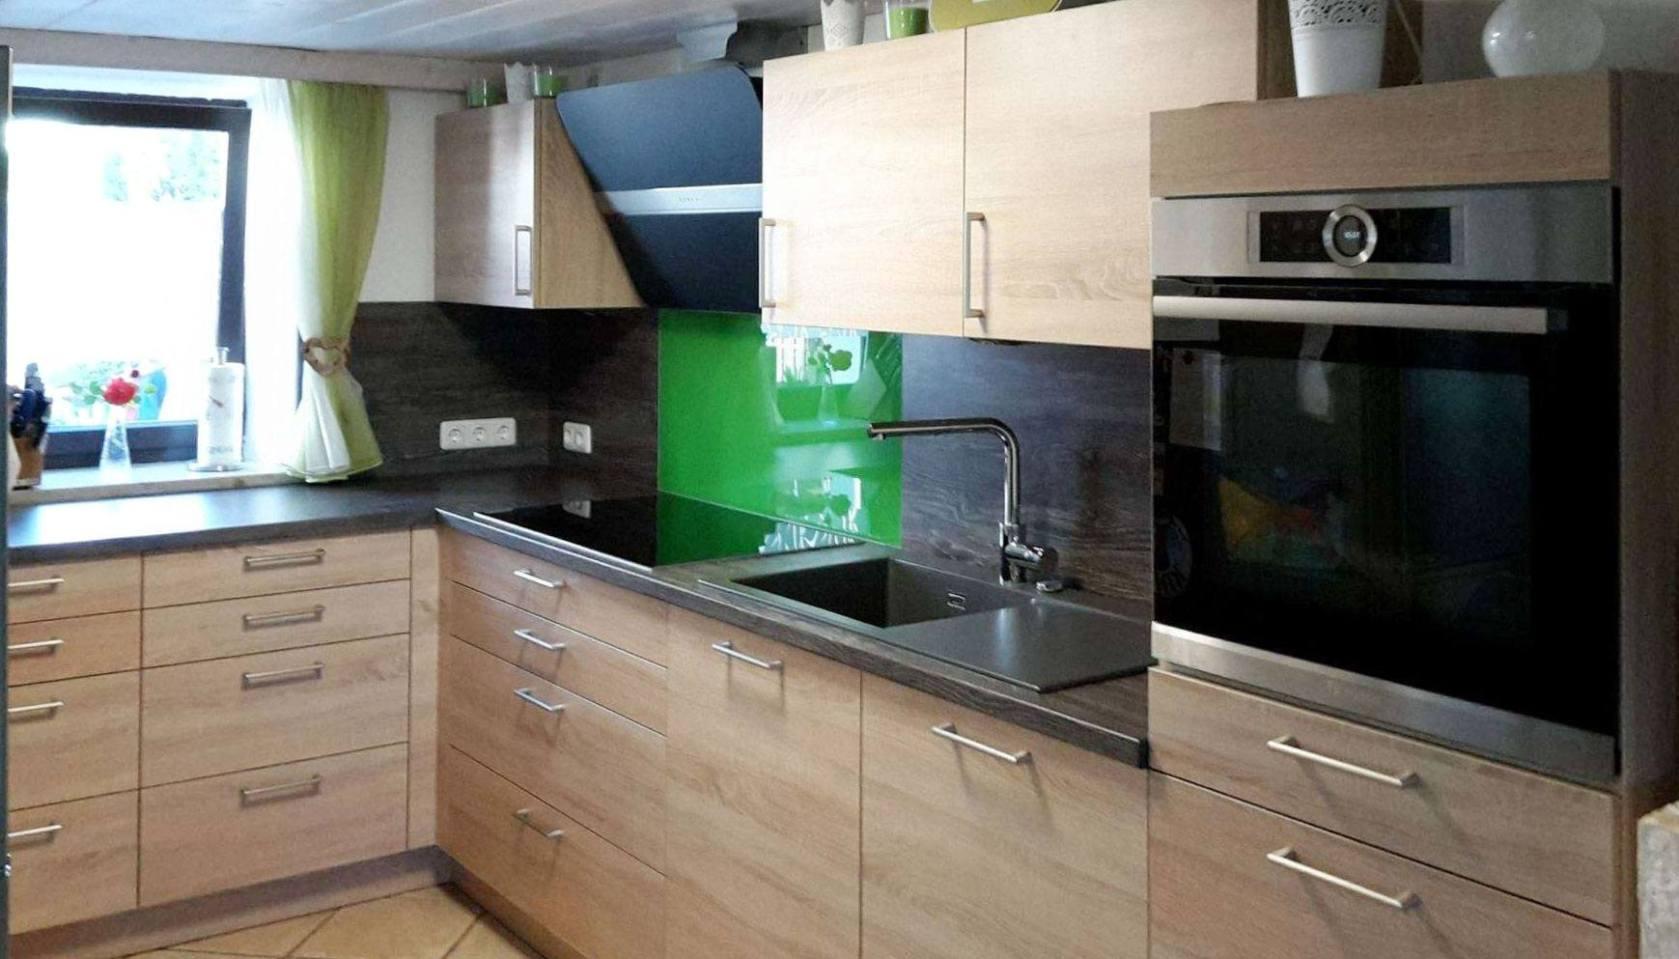 Ungewöhnlich Küche Renovieren Okc Ideen - Ideen Für Die Küche ...